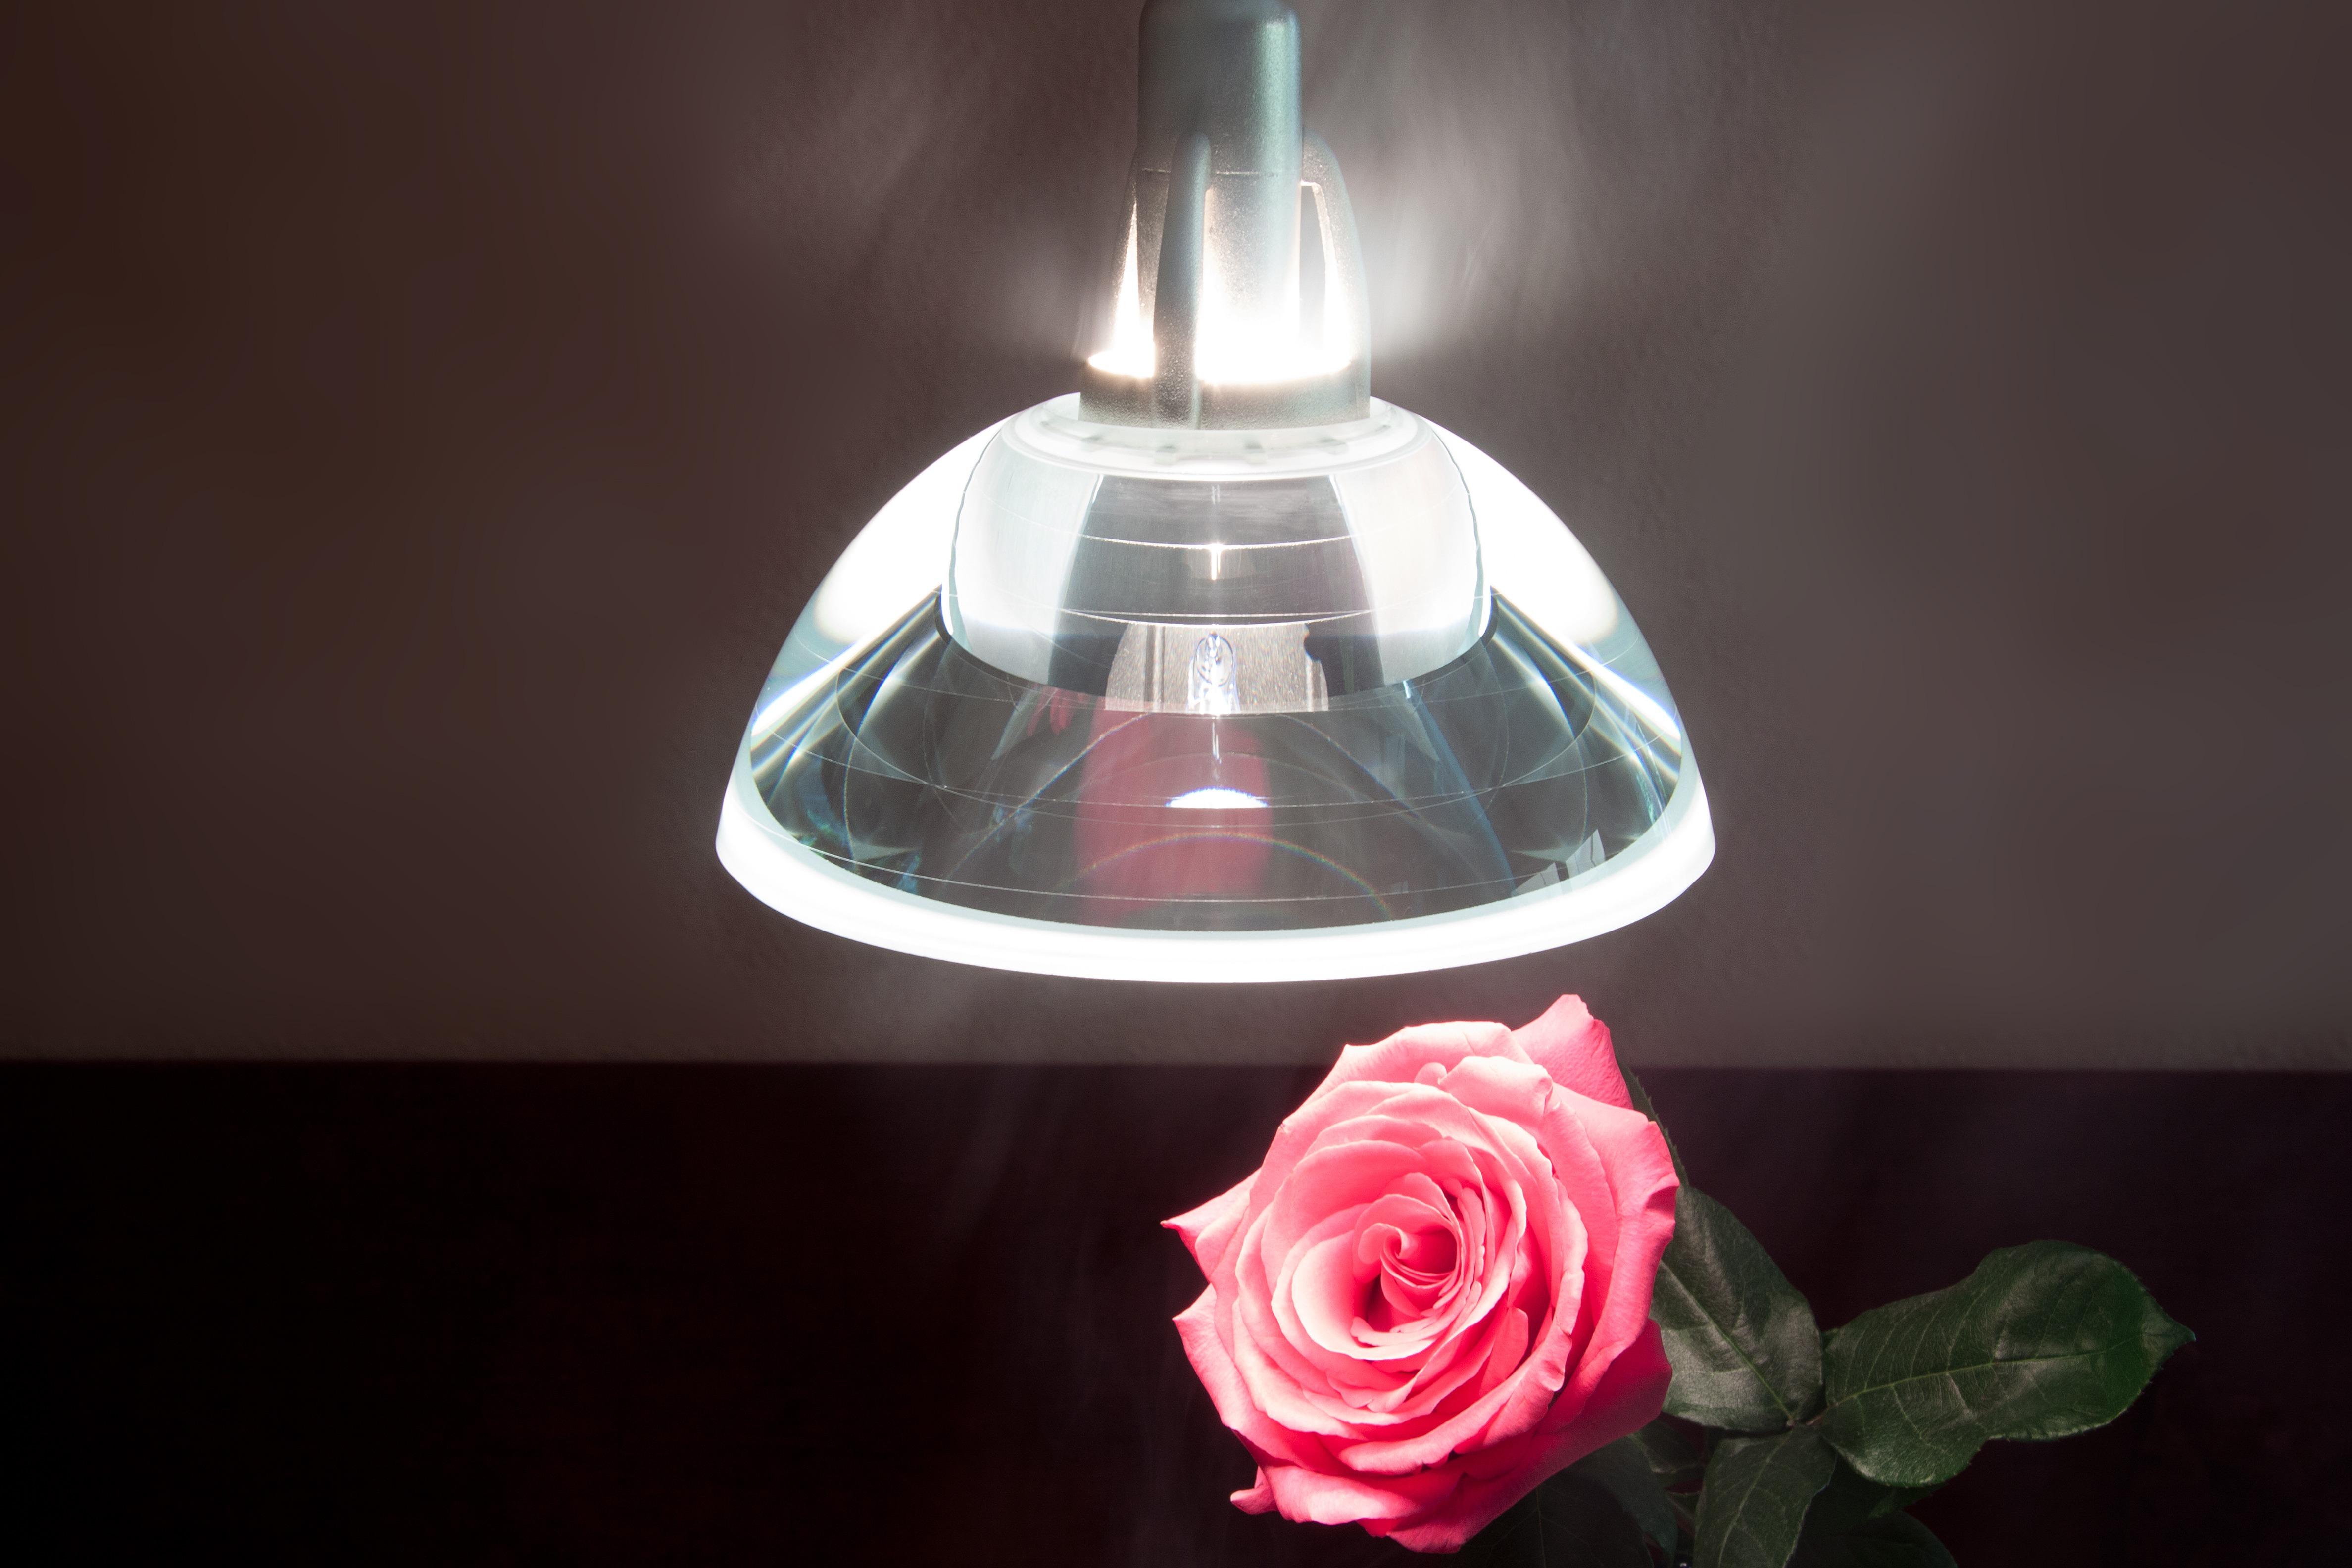 Free Images White Flower Petal Rose Red Pink Lighting